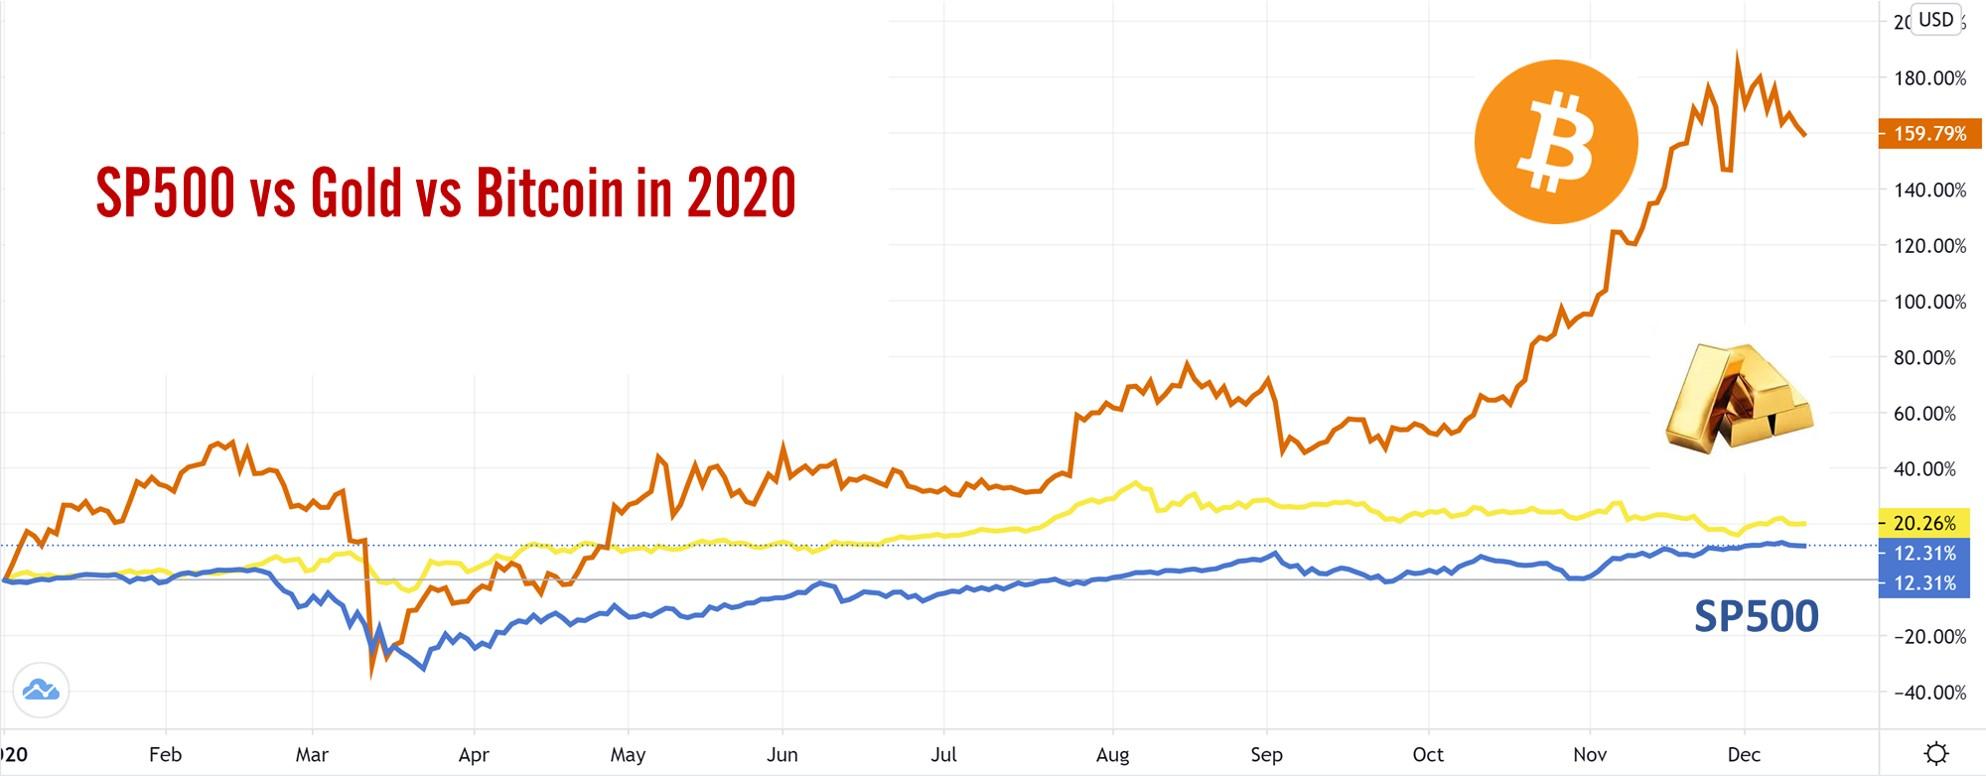 SP500 vs Gold vs. Bitcoin